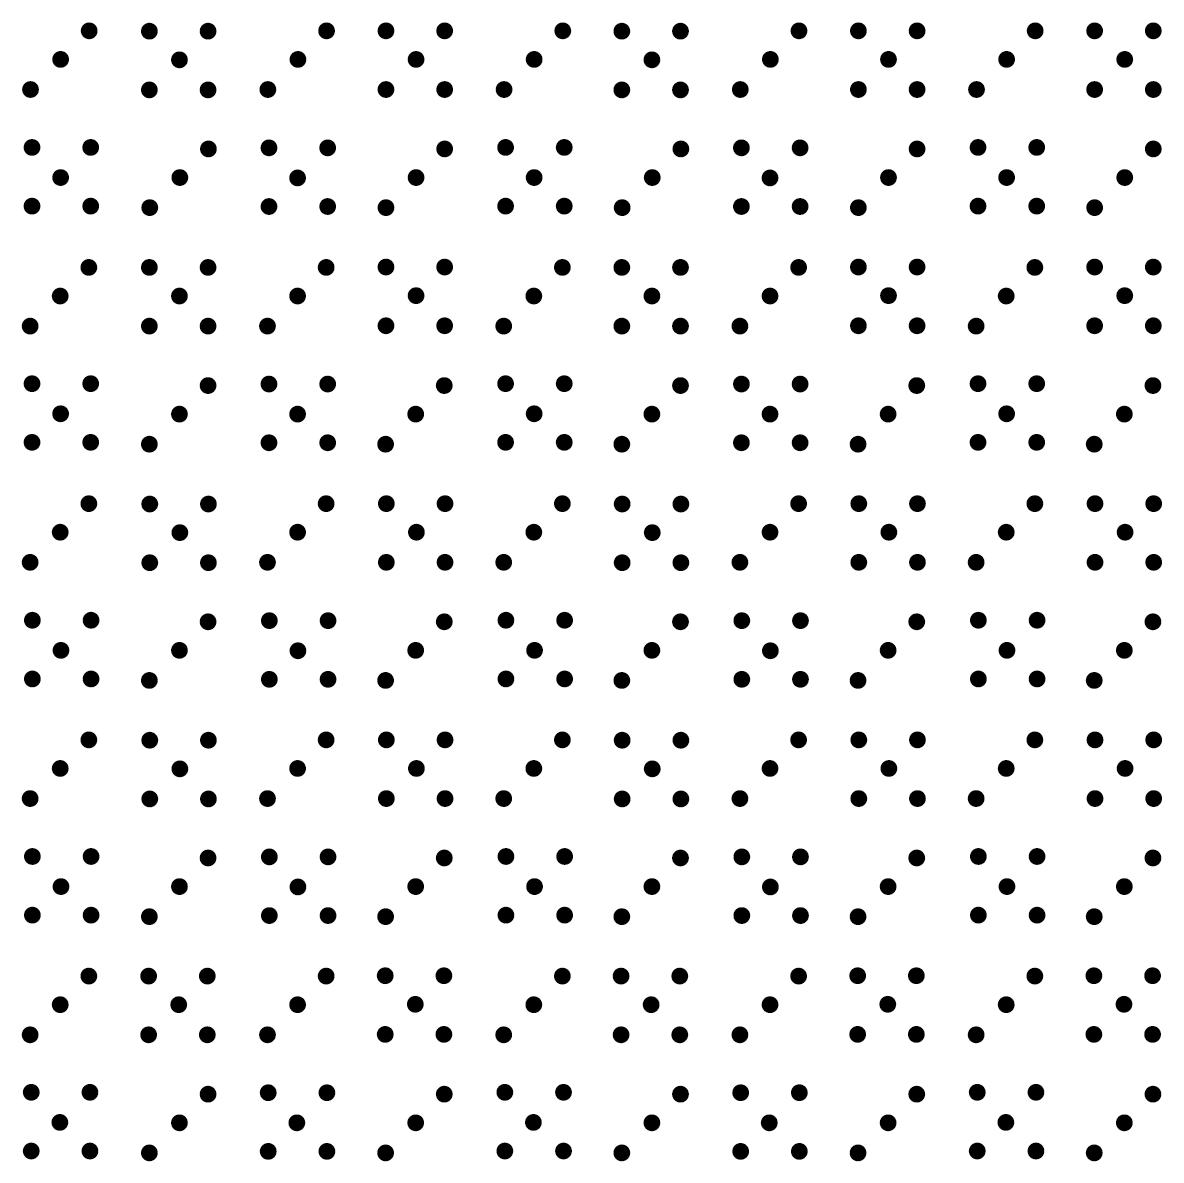 eyes 3-5a